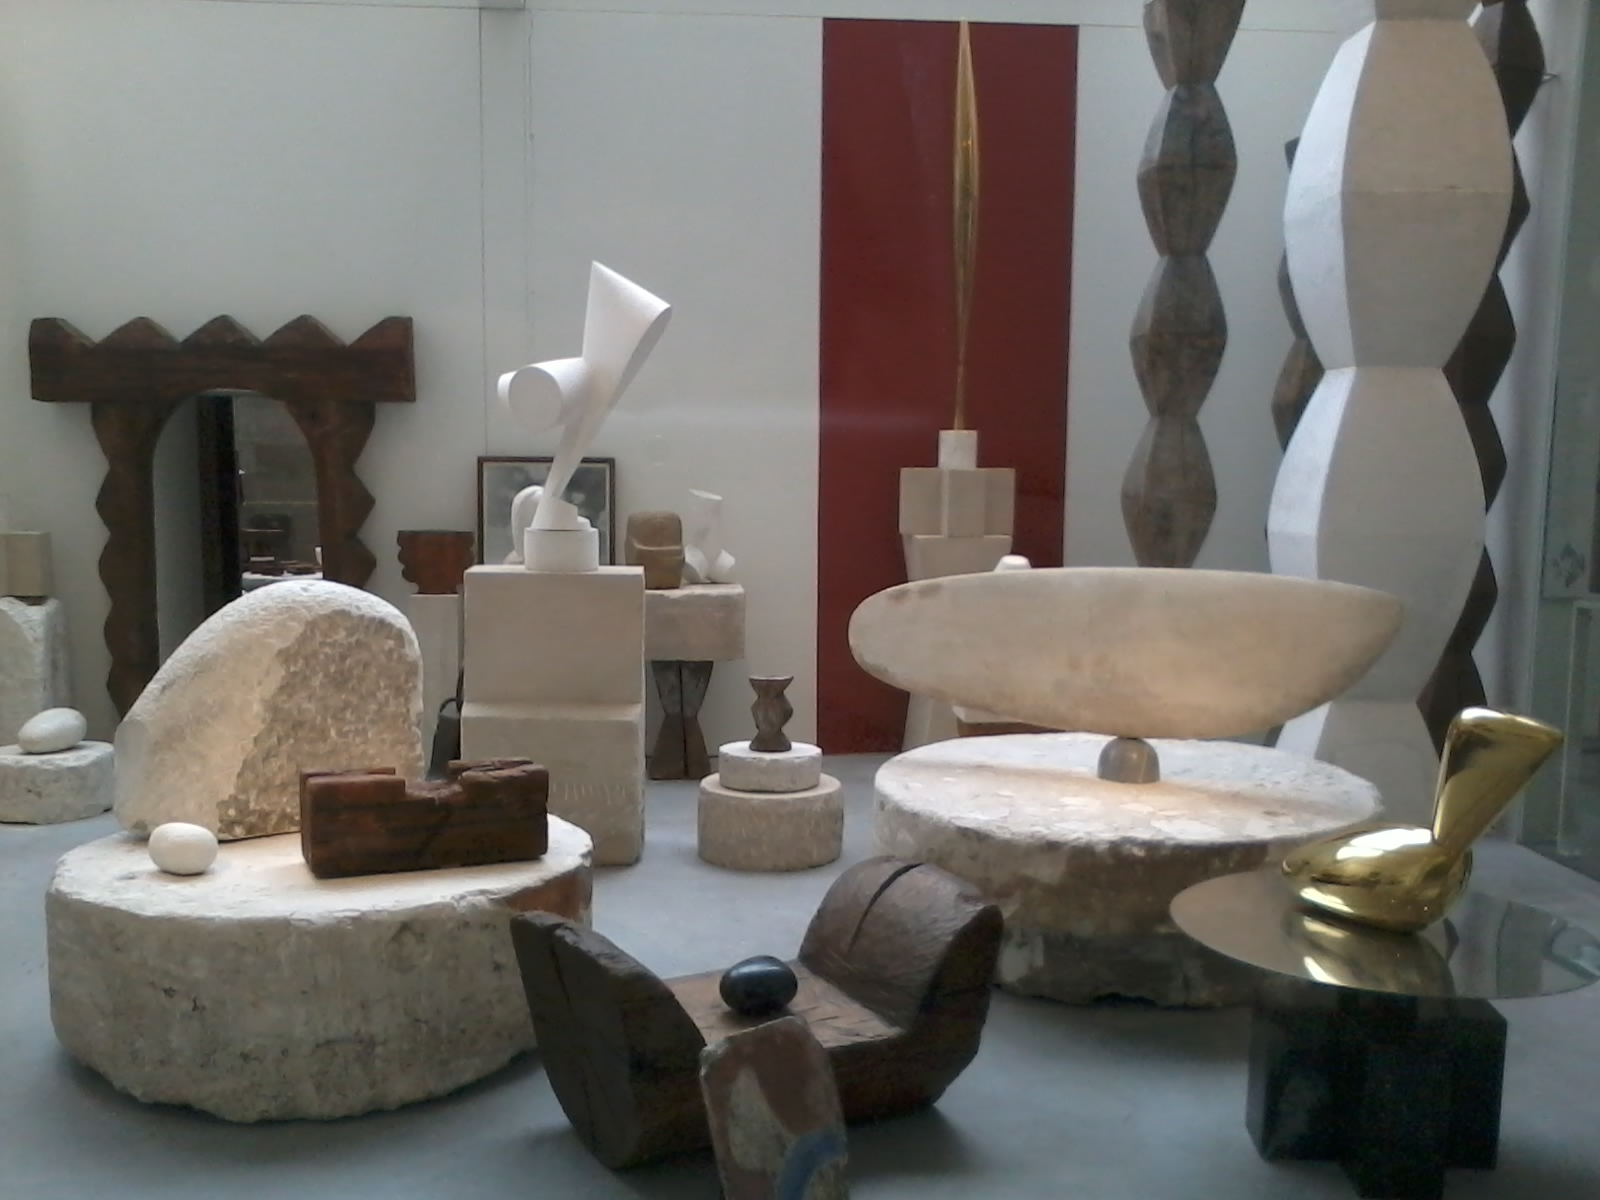 Atelier Brâncuși – Centre Georges Pompidou, Paris